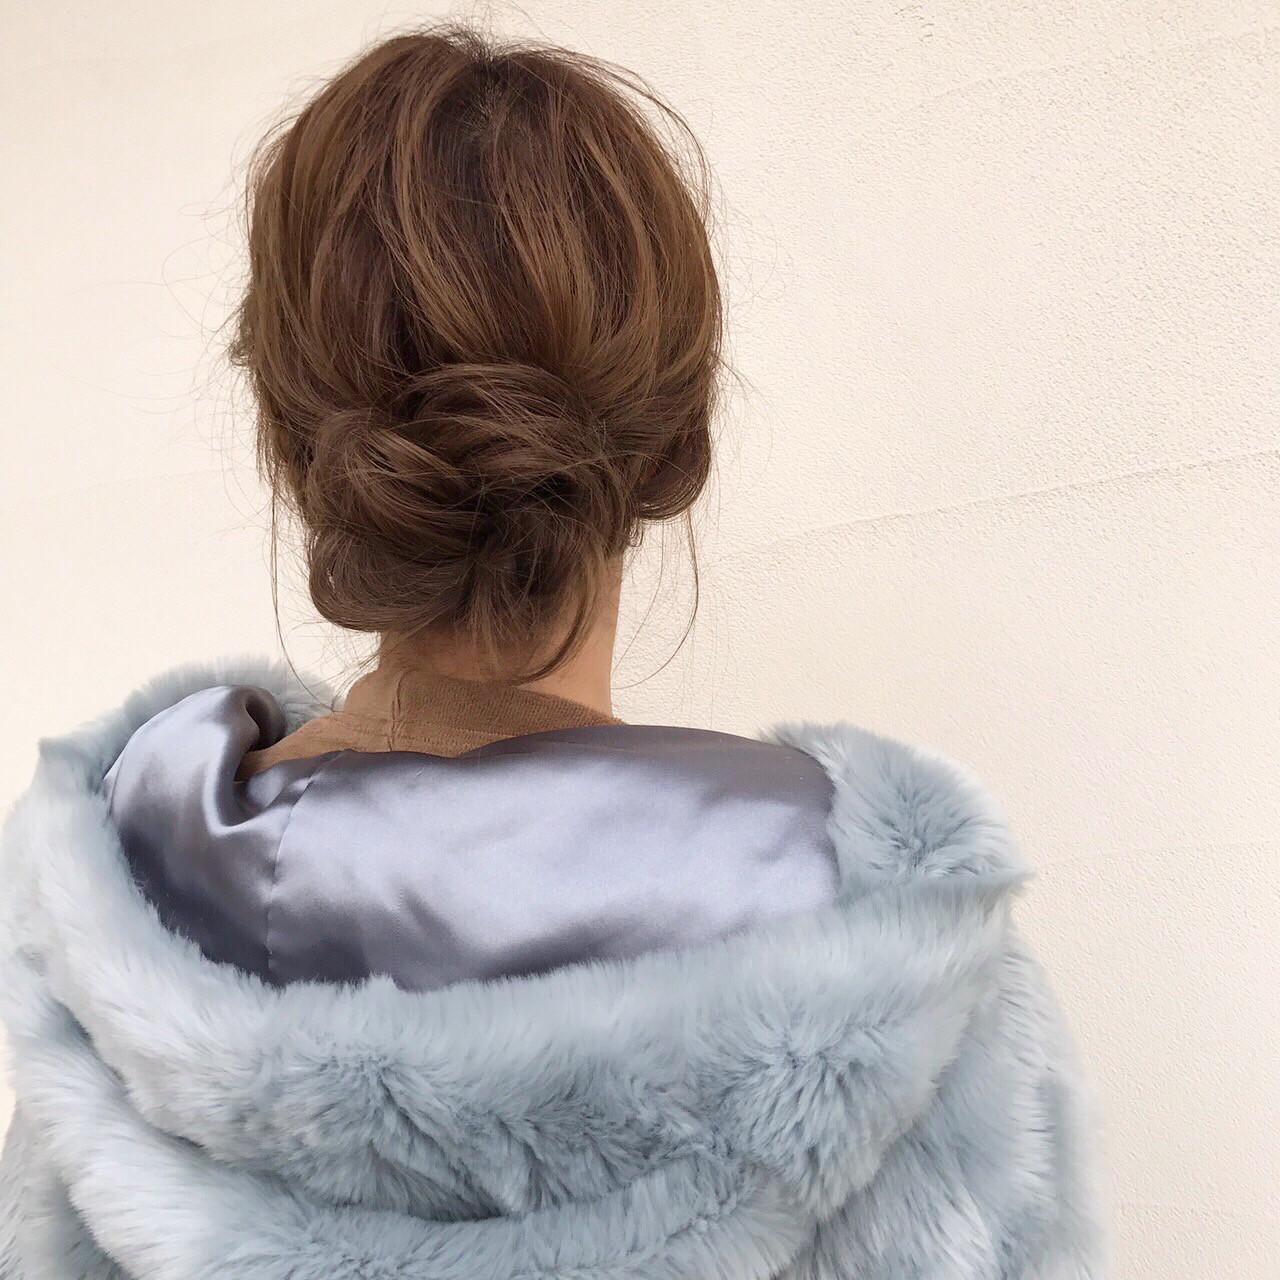 セミロング 大人女子 まとめ髪 簡単ヘアアレンジ ヘアスタイルや髪型の写真・画像   桑村亮太/CALIF hair store / 函館/CALIF hair store/キャリフ ヘアストア